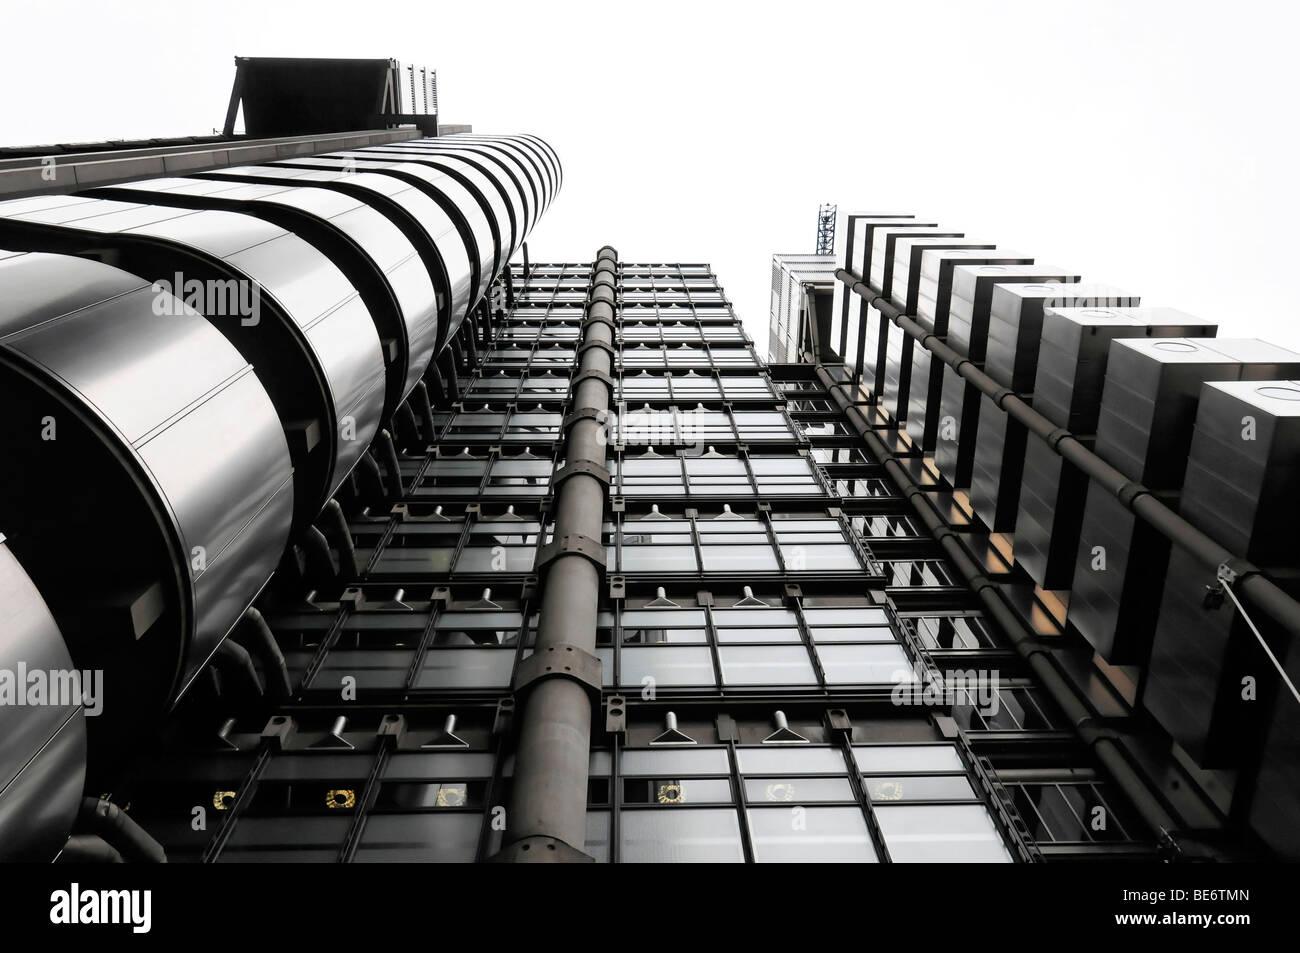 Exterior, headquarters of Lloyds, London, England, United Kingdom, Europe - Stock Image